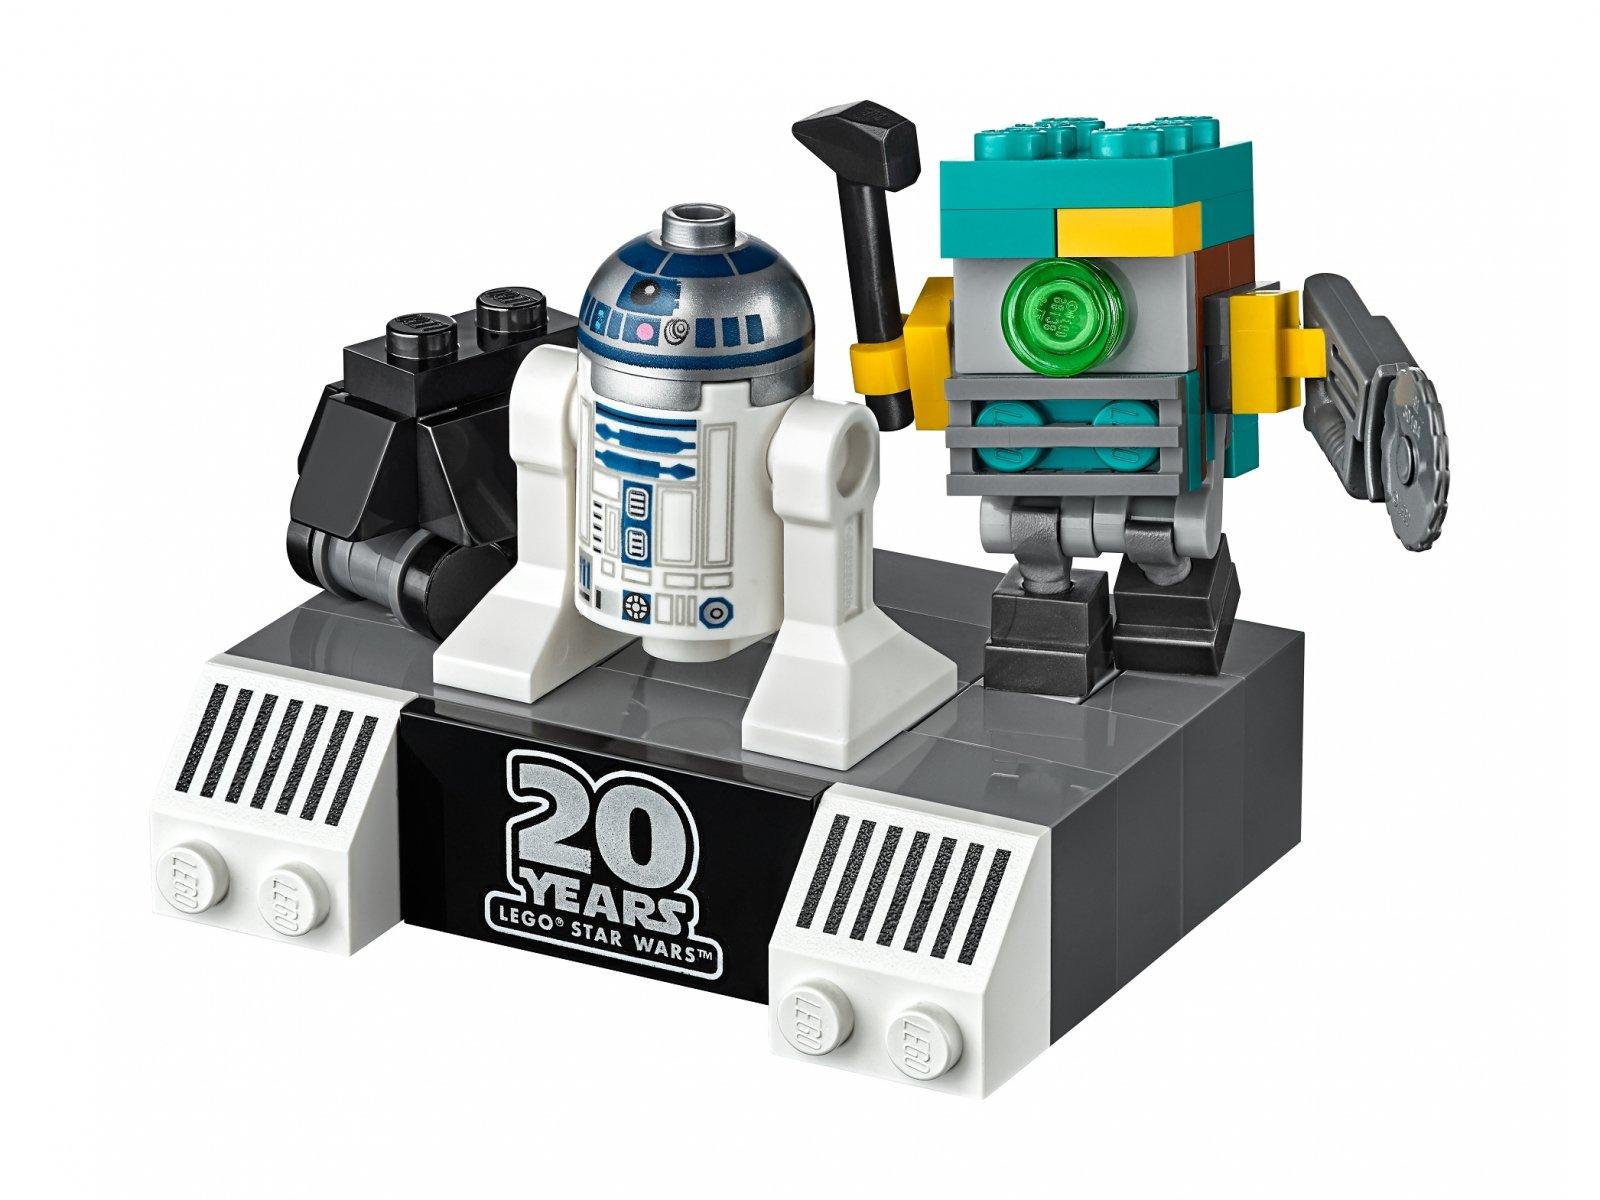 LEGO 75522 Miniaturowy dowódca droidów